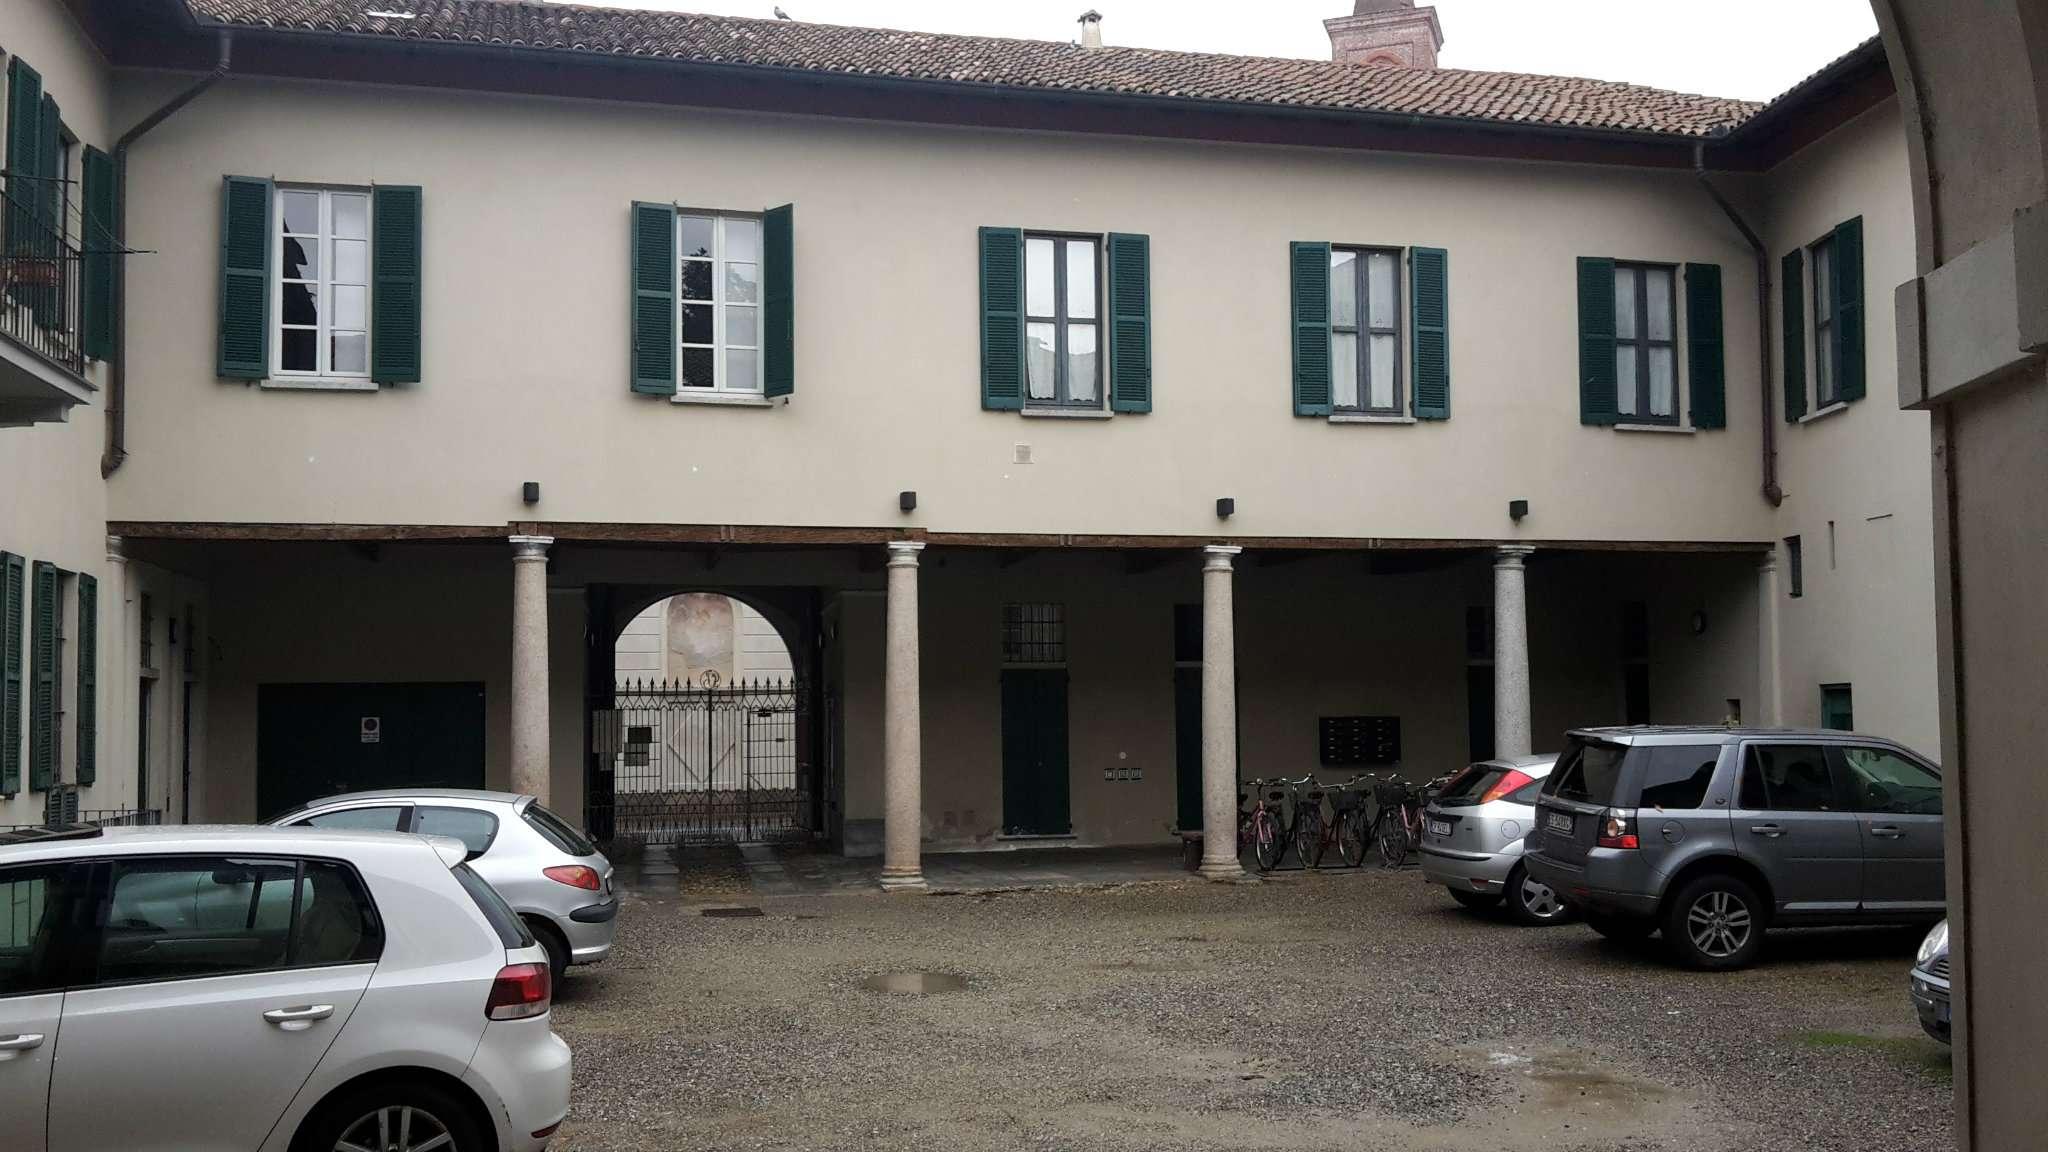 Ufficio / Studio in affitto a Abbiategrasso, 6 locali, prezzo € 1.200 | CambioCasa.it